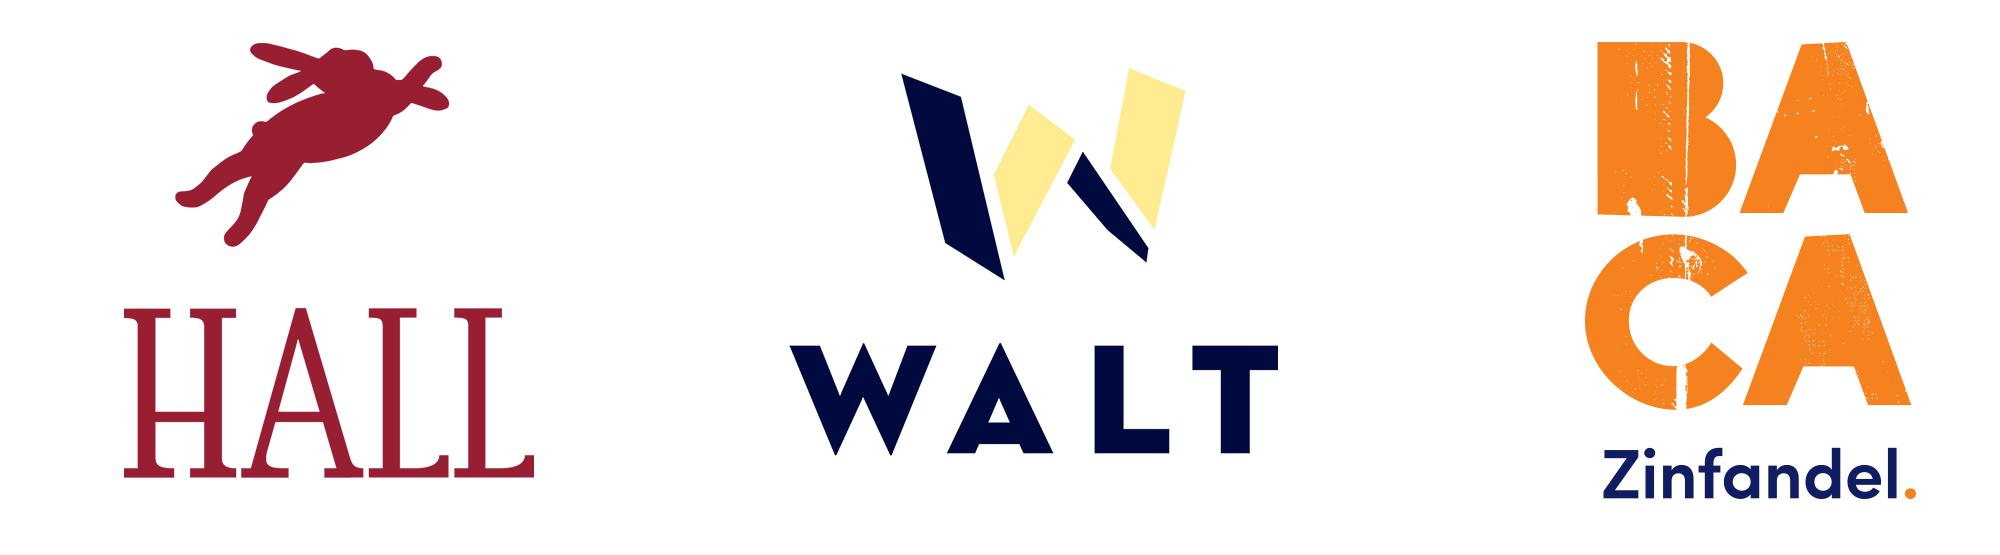 HALL-WALT-BACA-three_brand_lockup